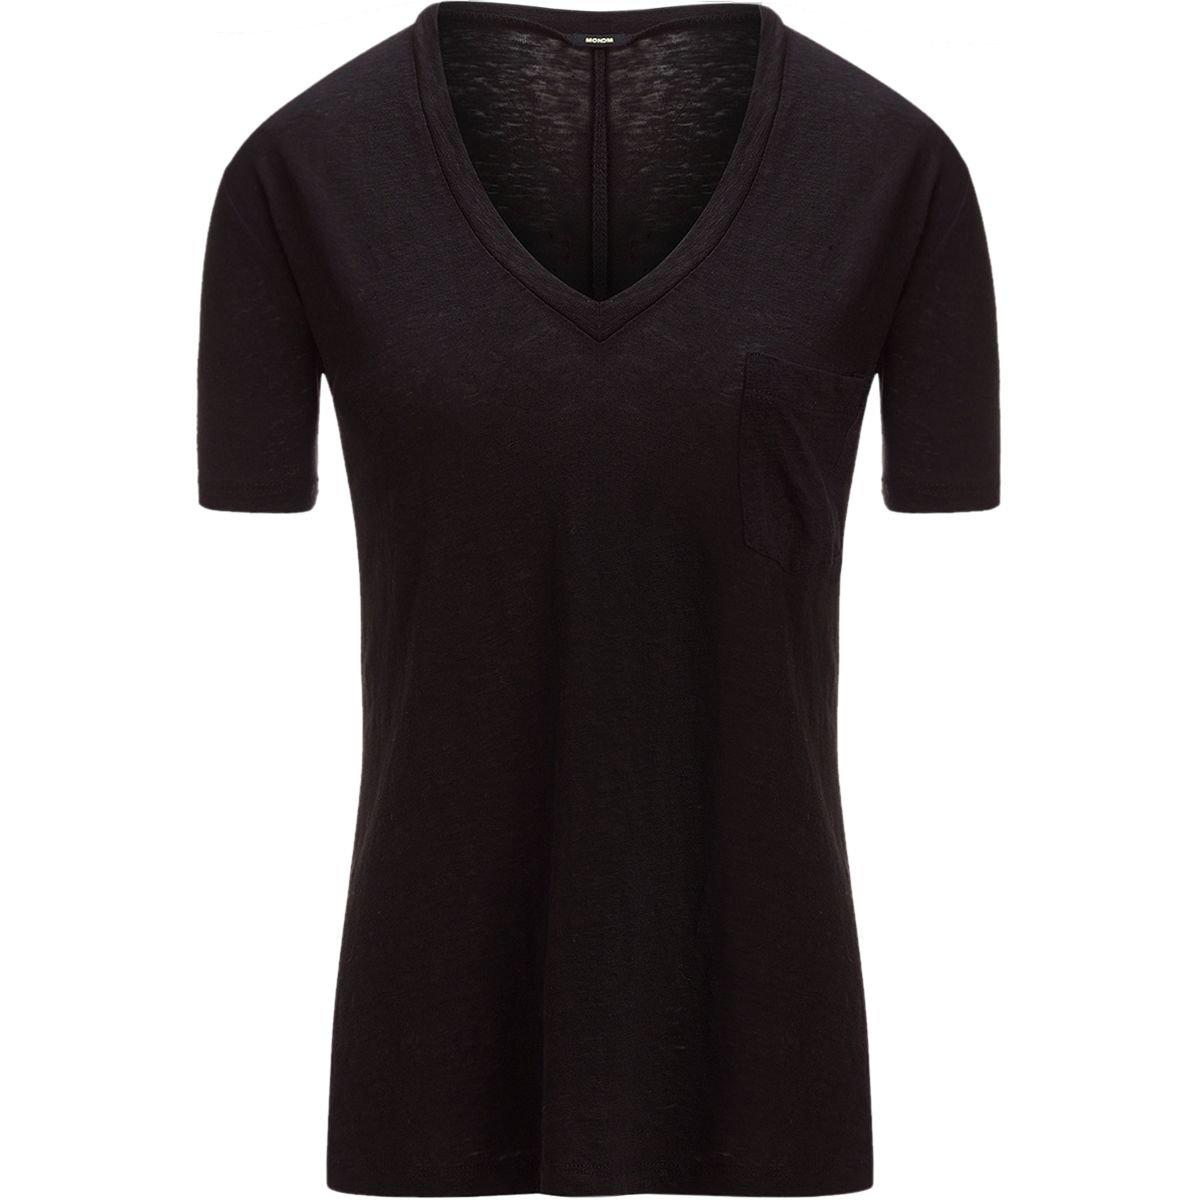 Monrow Women's Linen V Neck Pocket Tee, Black, Large